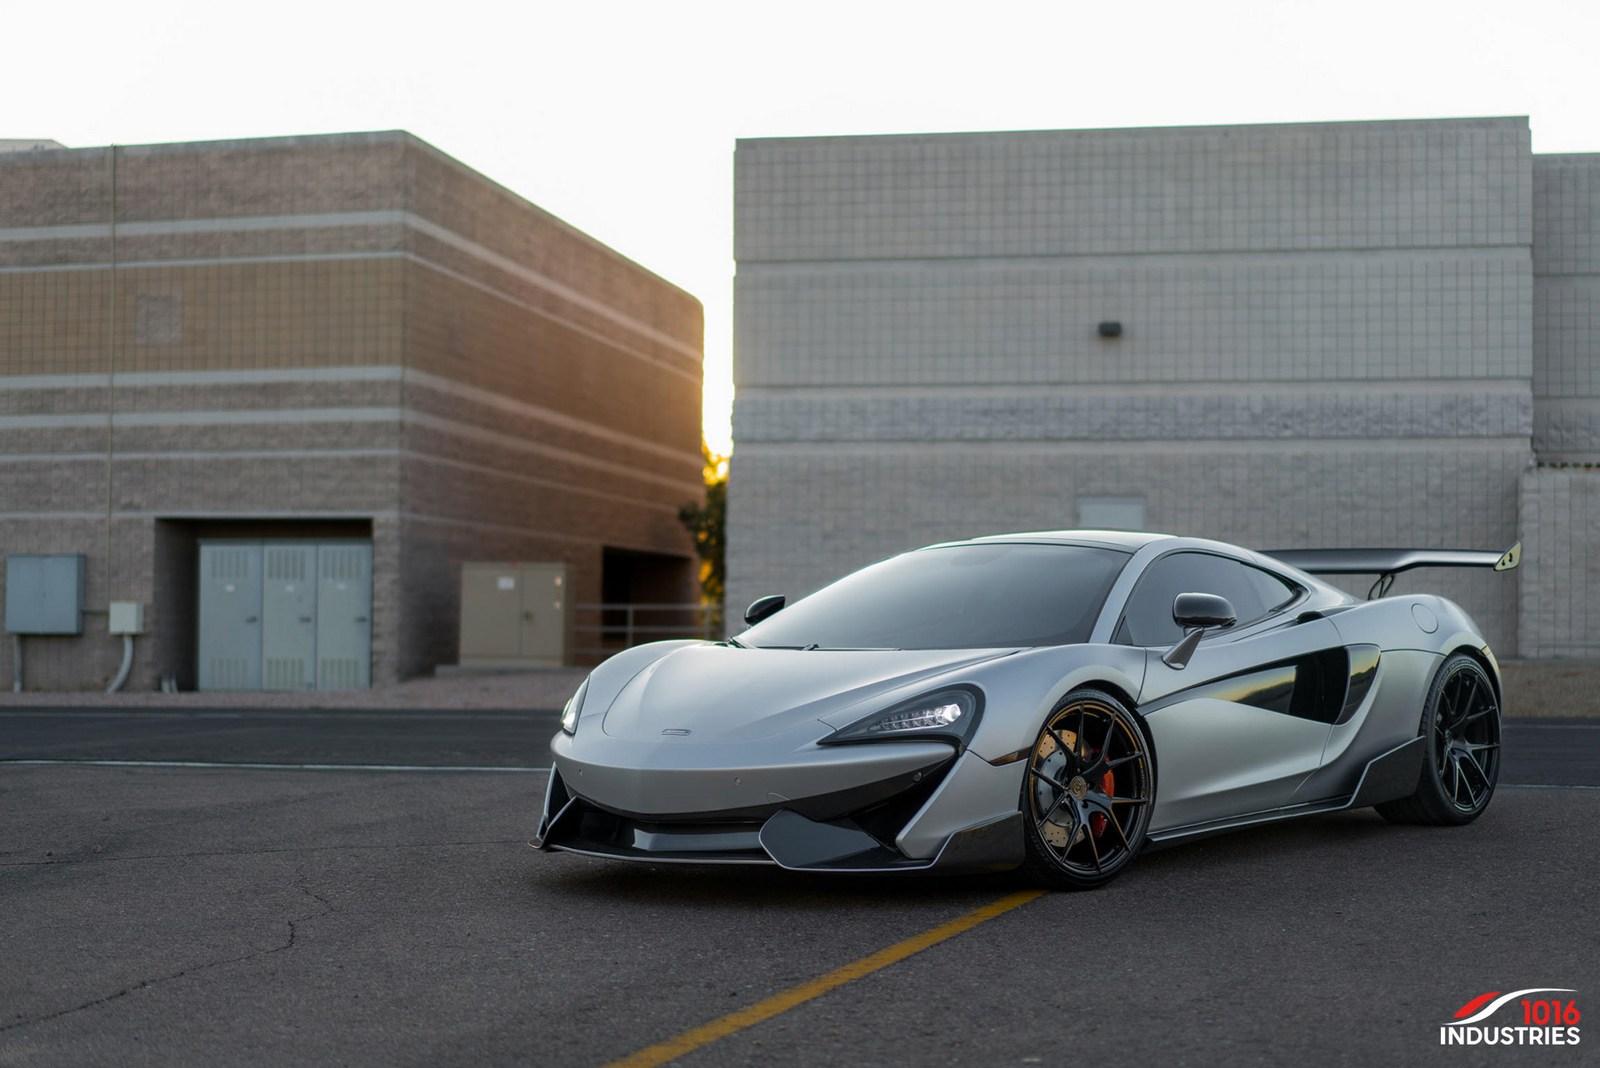 McLaren-570S-Sport-Series-by-1016-Industries-1 (3)